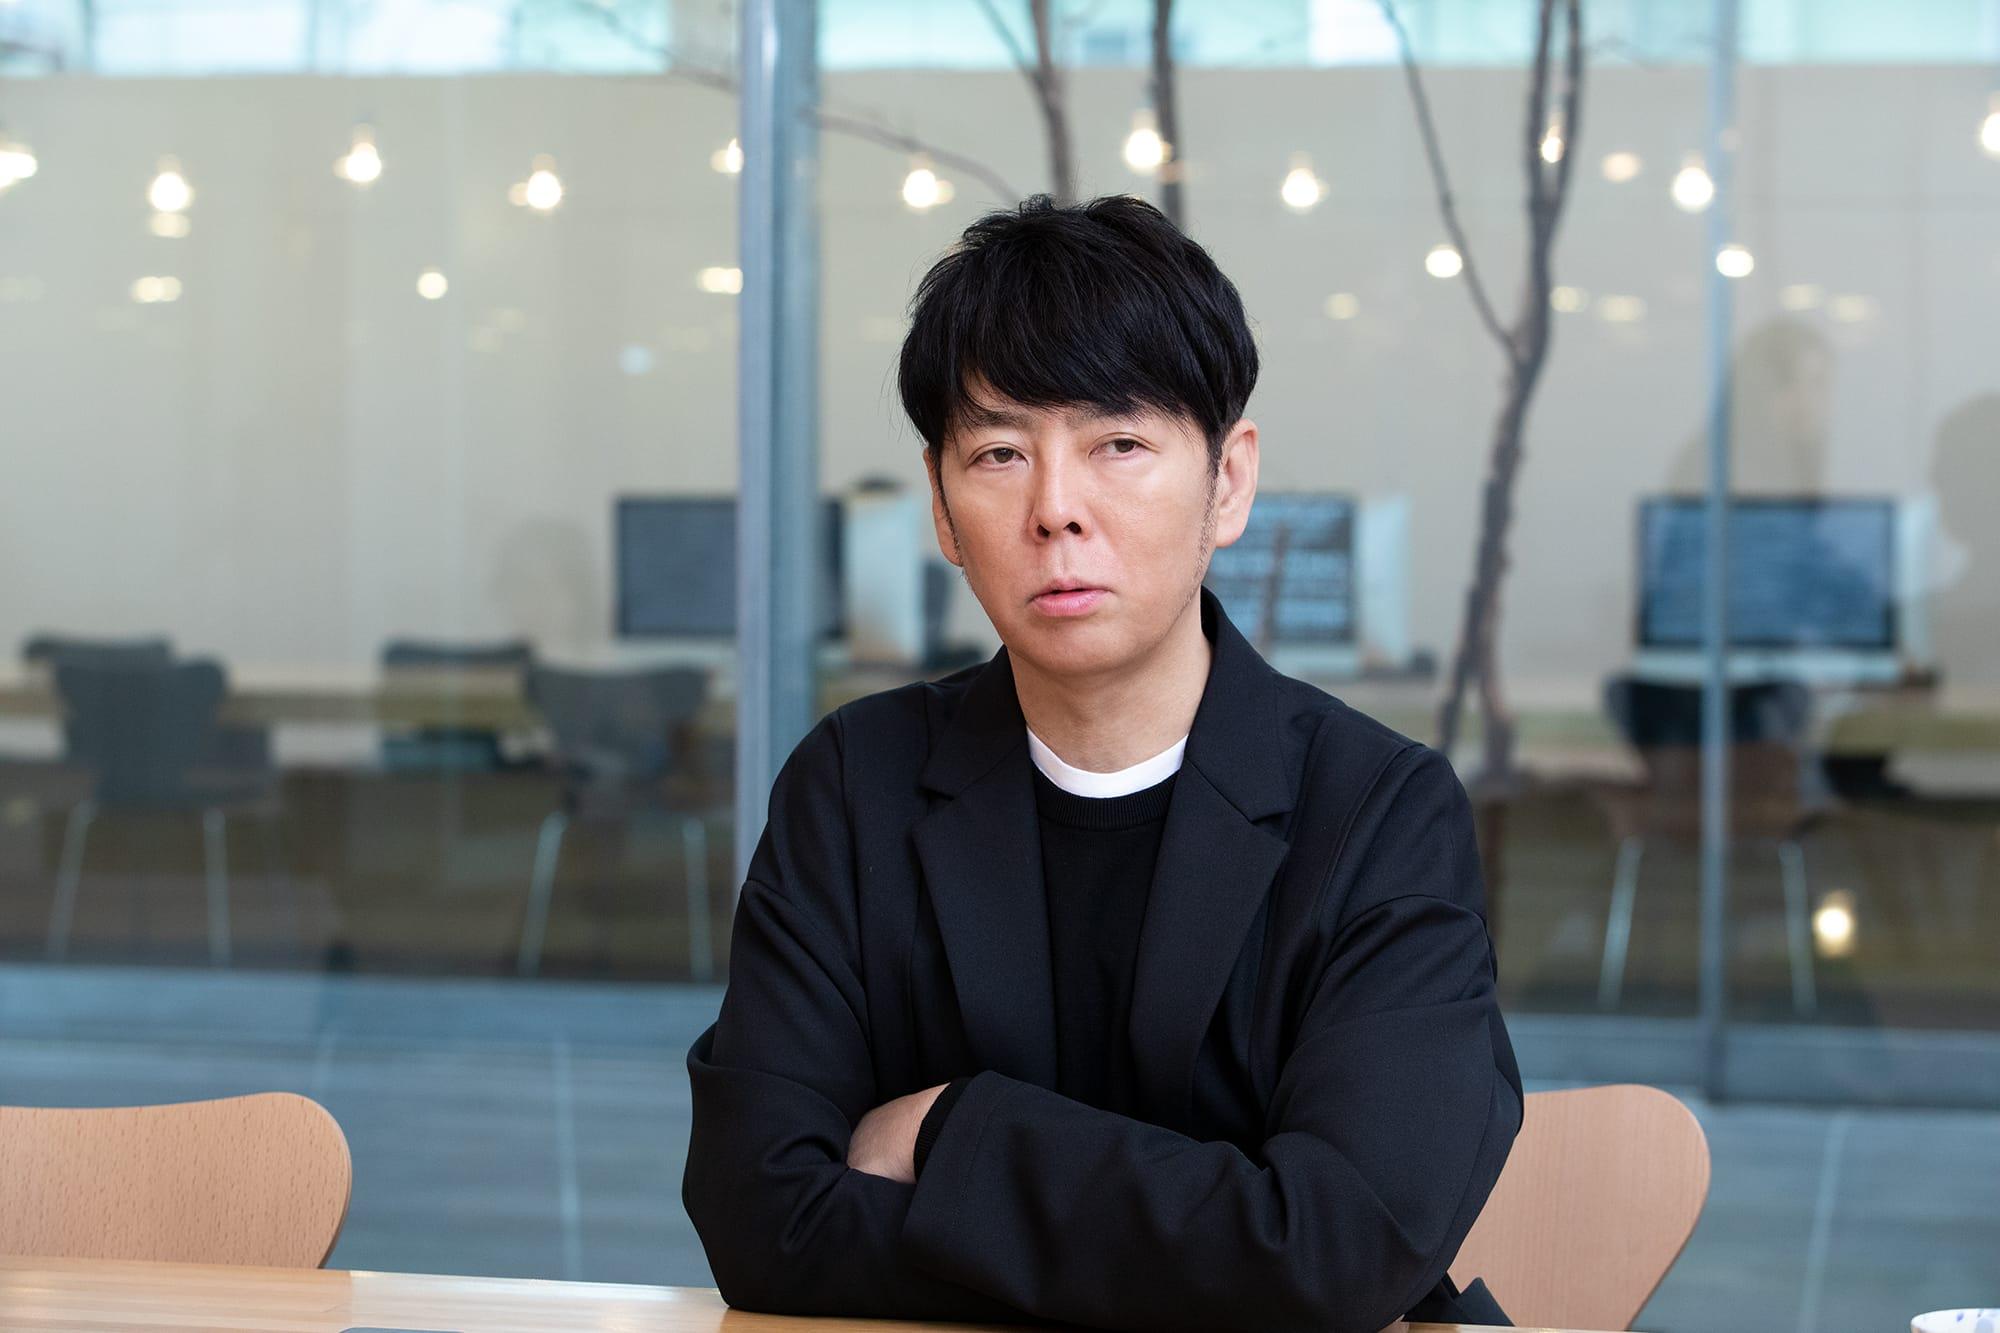 「まずはブランドの佇まいをイメージし、そこから因数分解をしていく」と佐藤は語る。一見シンプルだがそこには明確な主張がある、佐藤の仕事スタイルはその思考から生まれる。